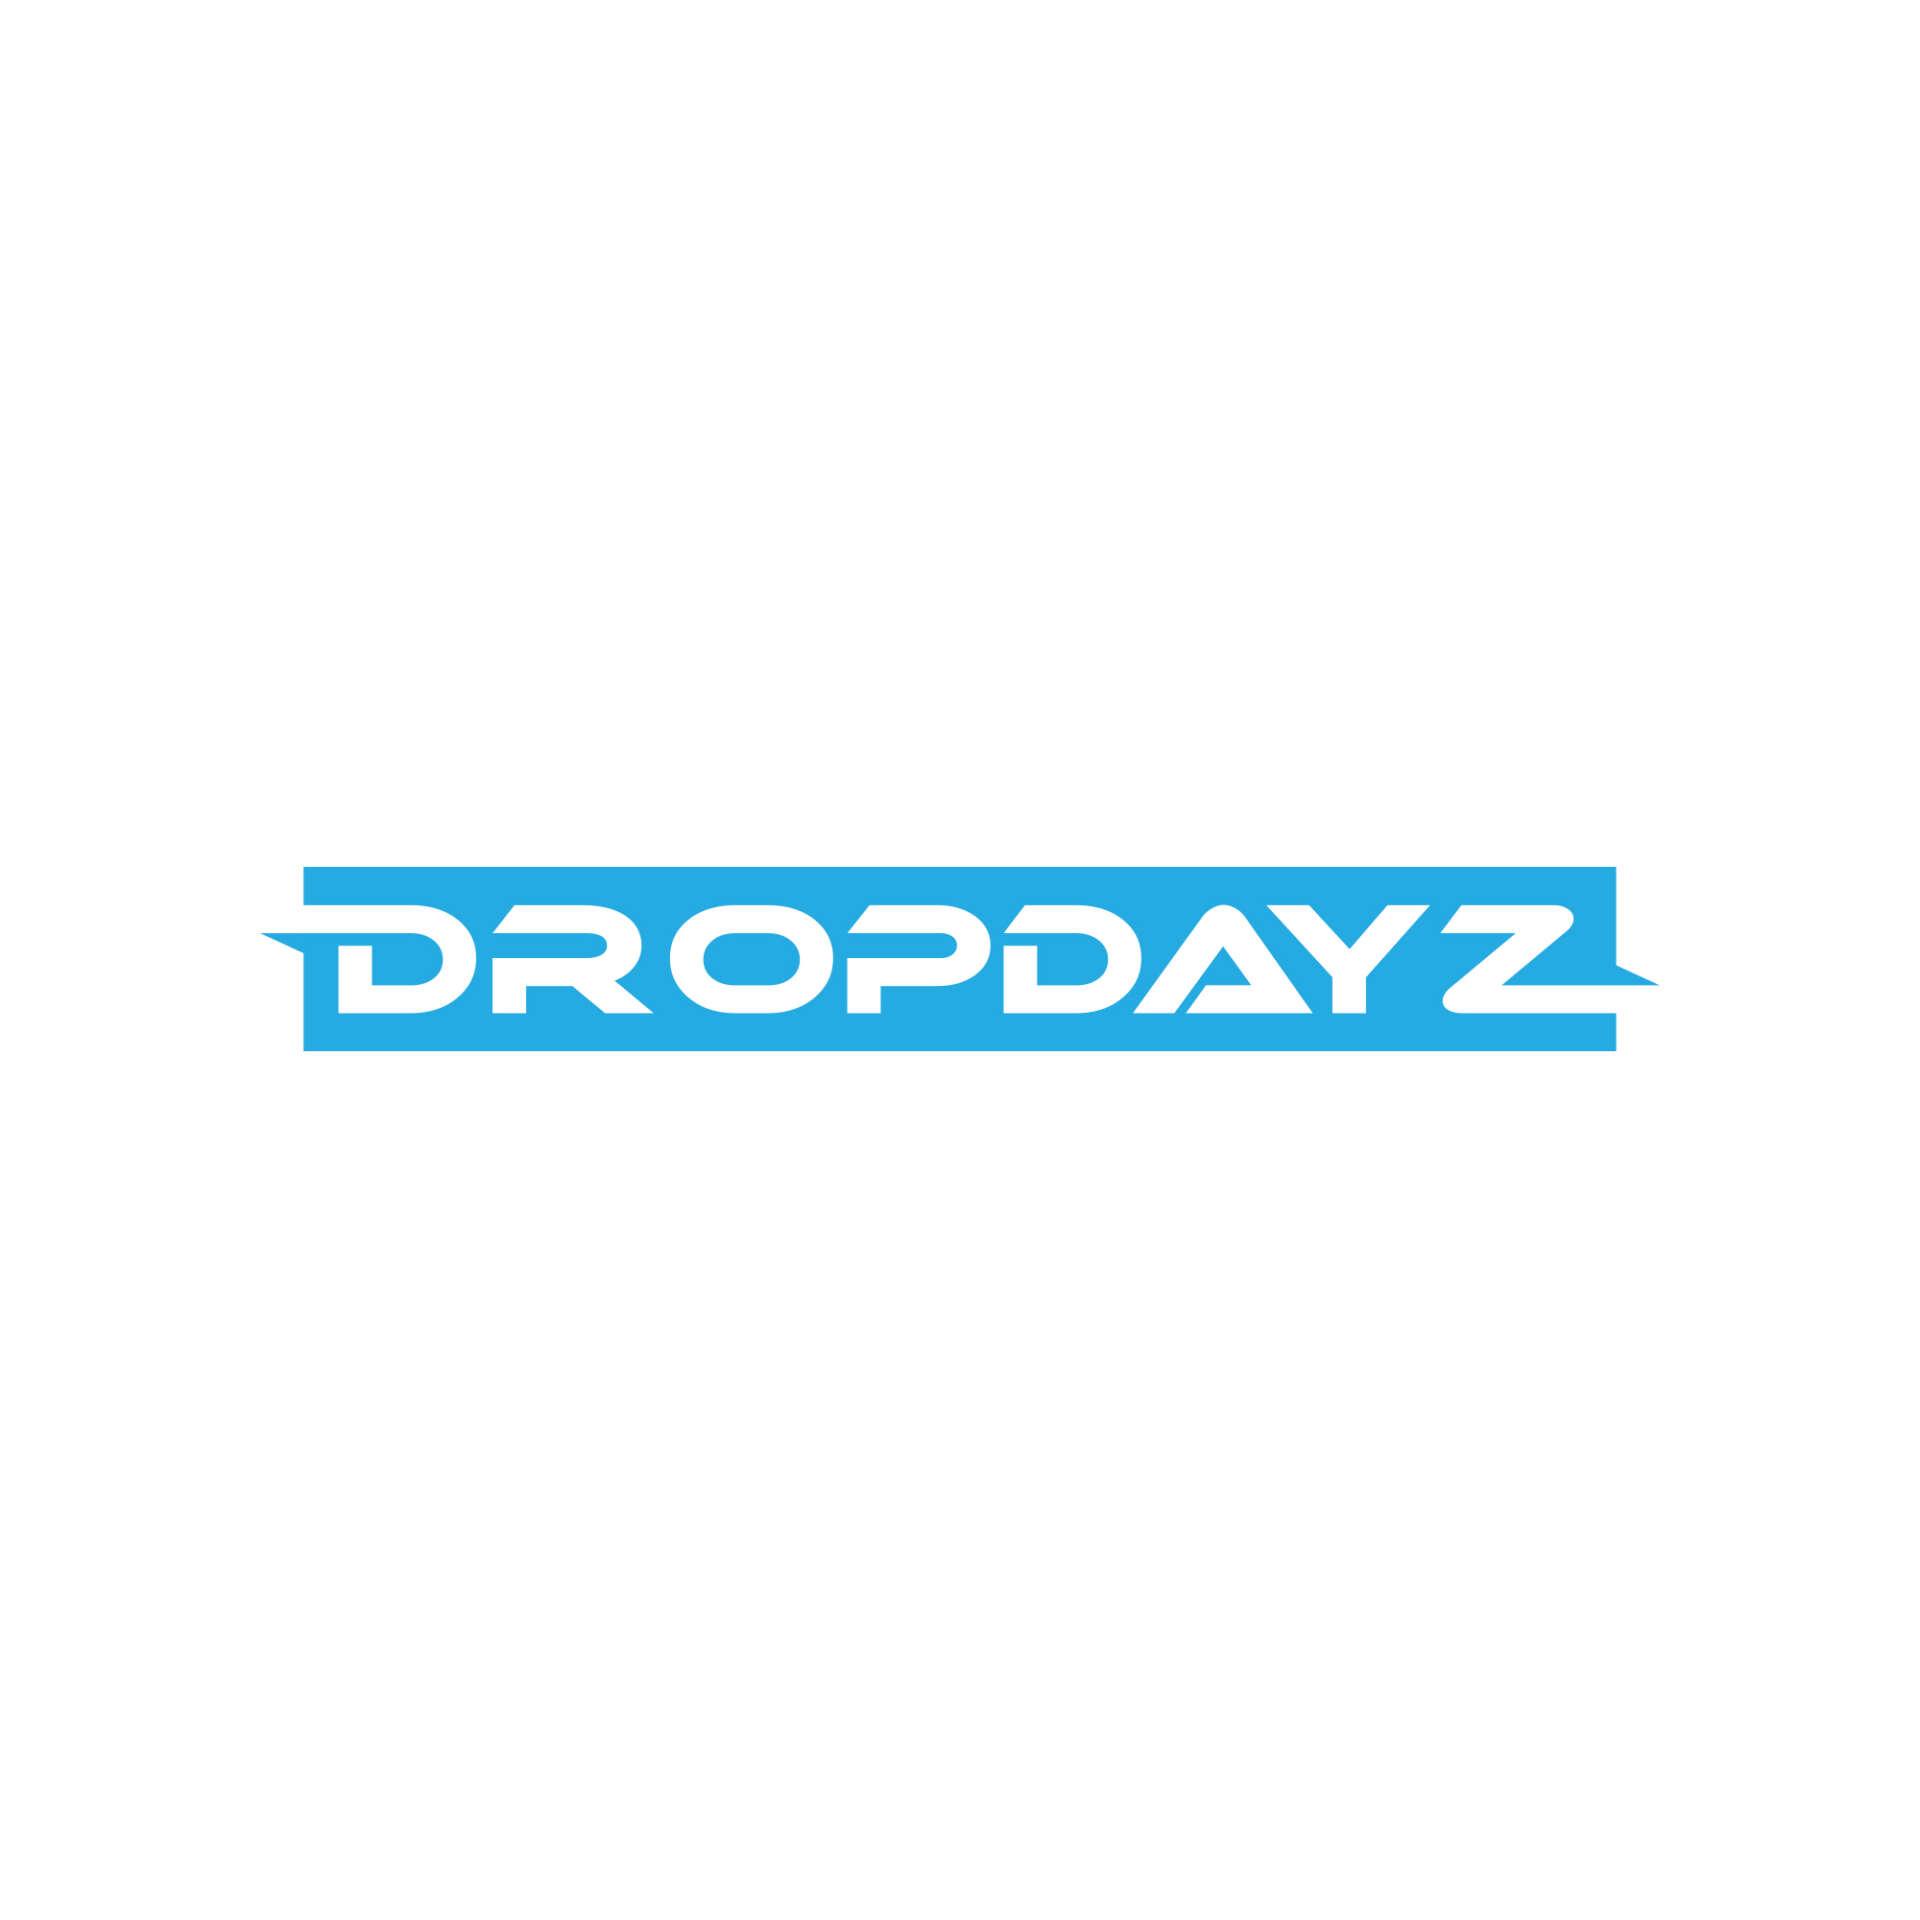 DROPDAYZ